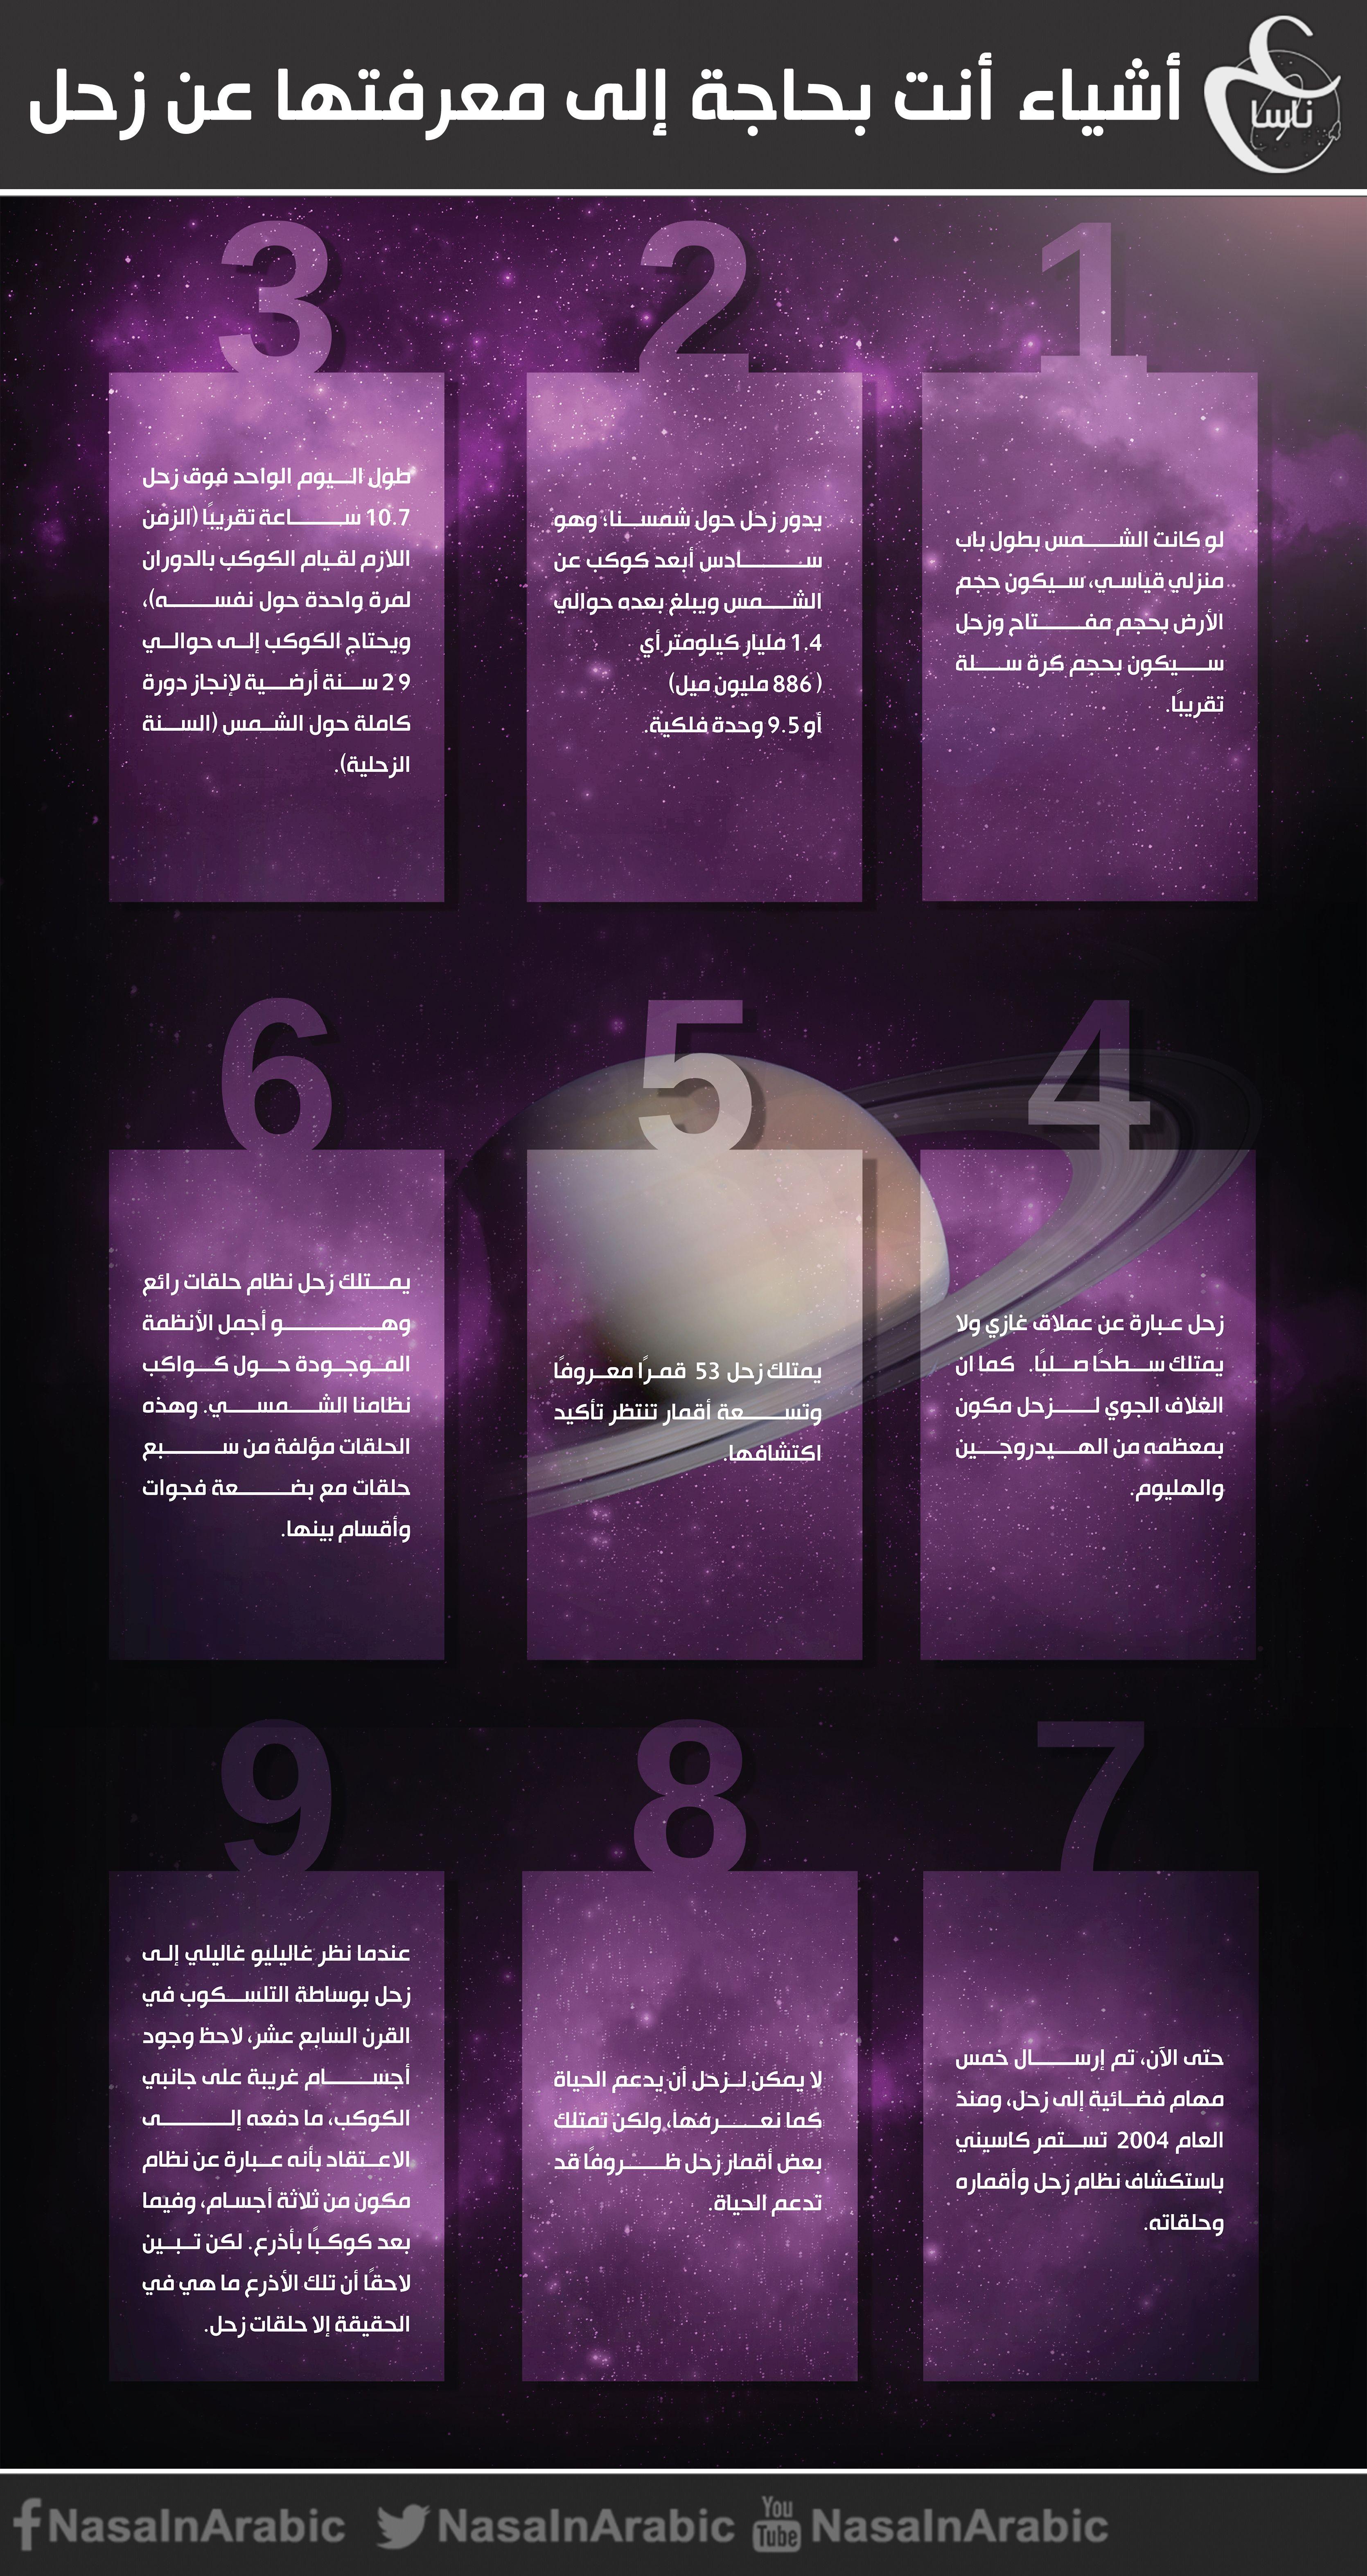 أشياء أنت بحاجة إلى معرفتها عن زحلأشياء أنت بحاجة إلى معرفتها عن زحل تصميم فيصل رمضان للمزيد Https Www Facebook Com Nasainarab Infographic Astronomy Galaxy